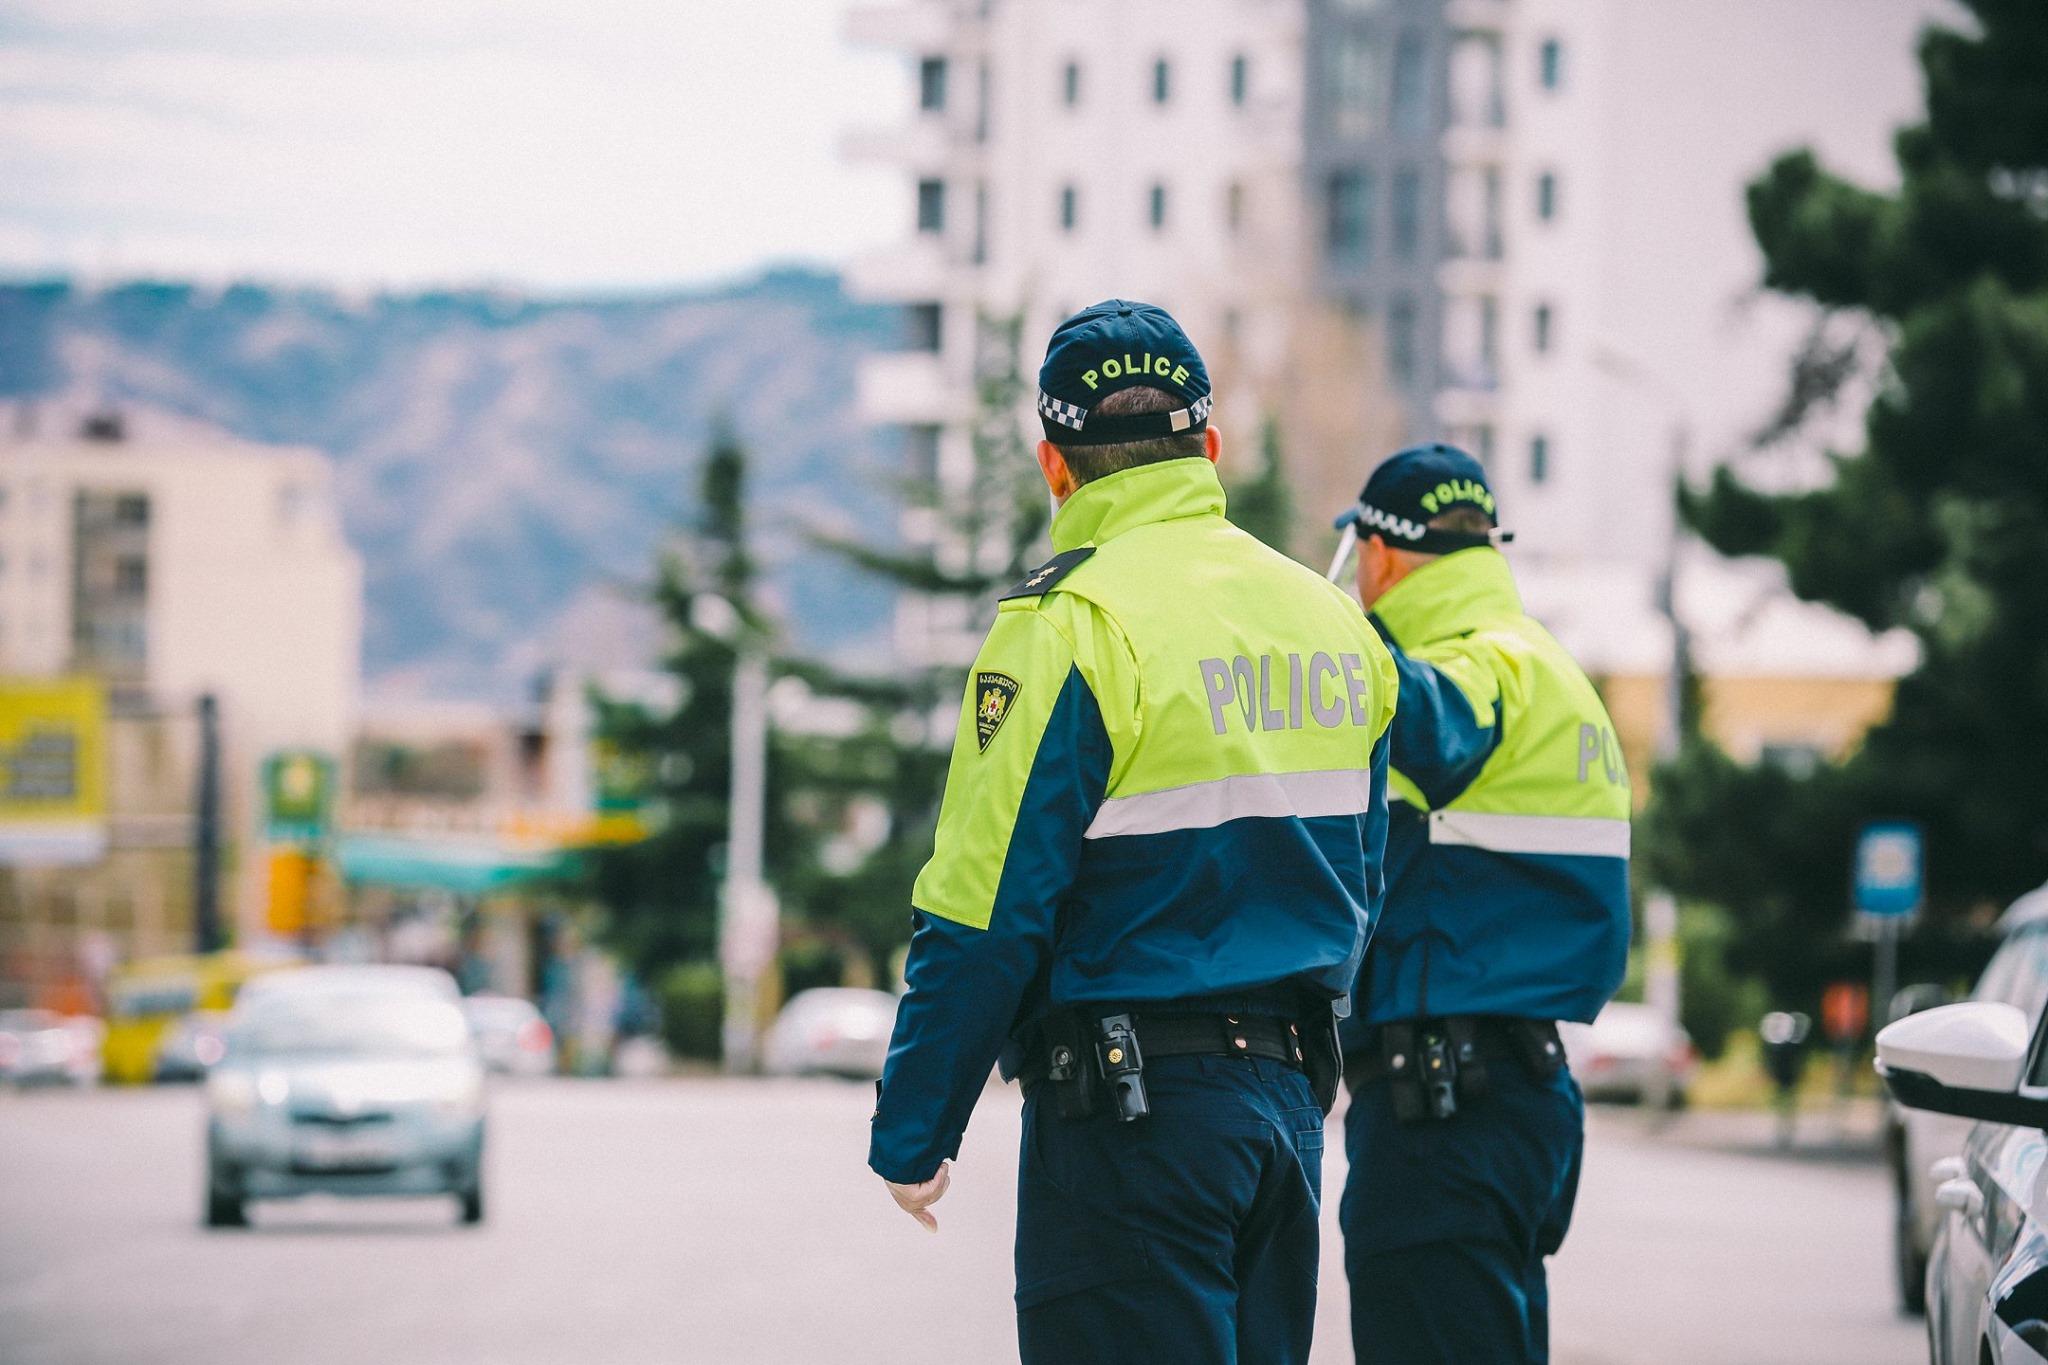 Police 14 чрезвычайное положение чрезвычайное положение